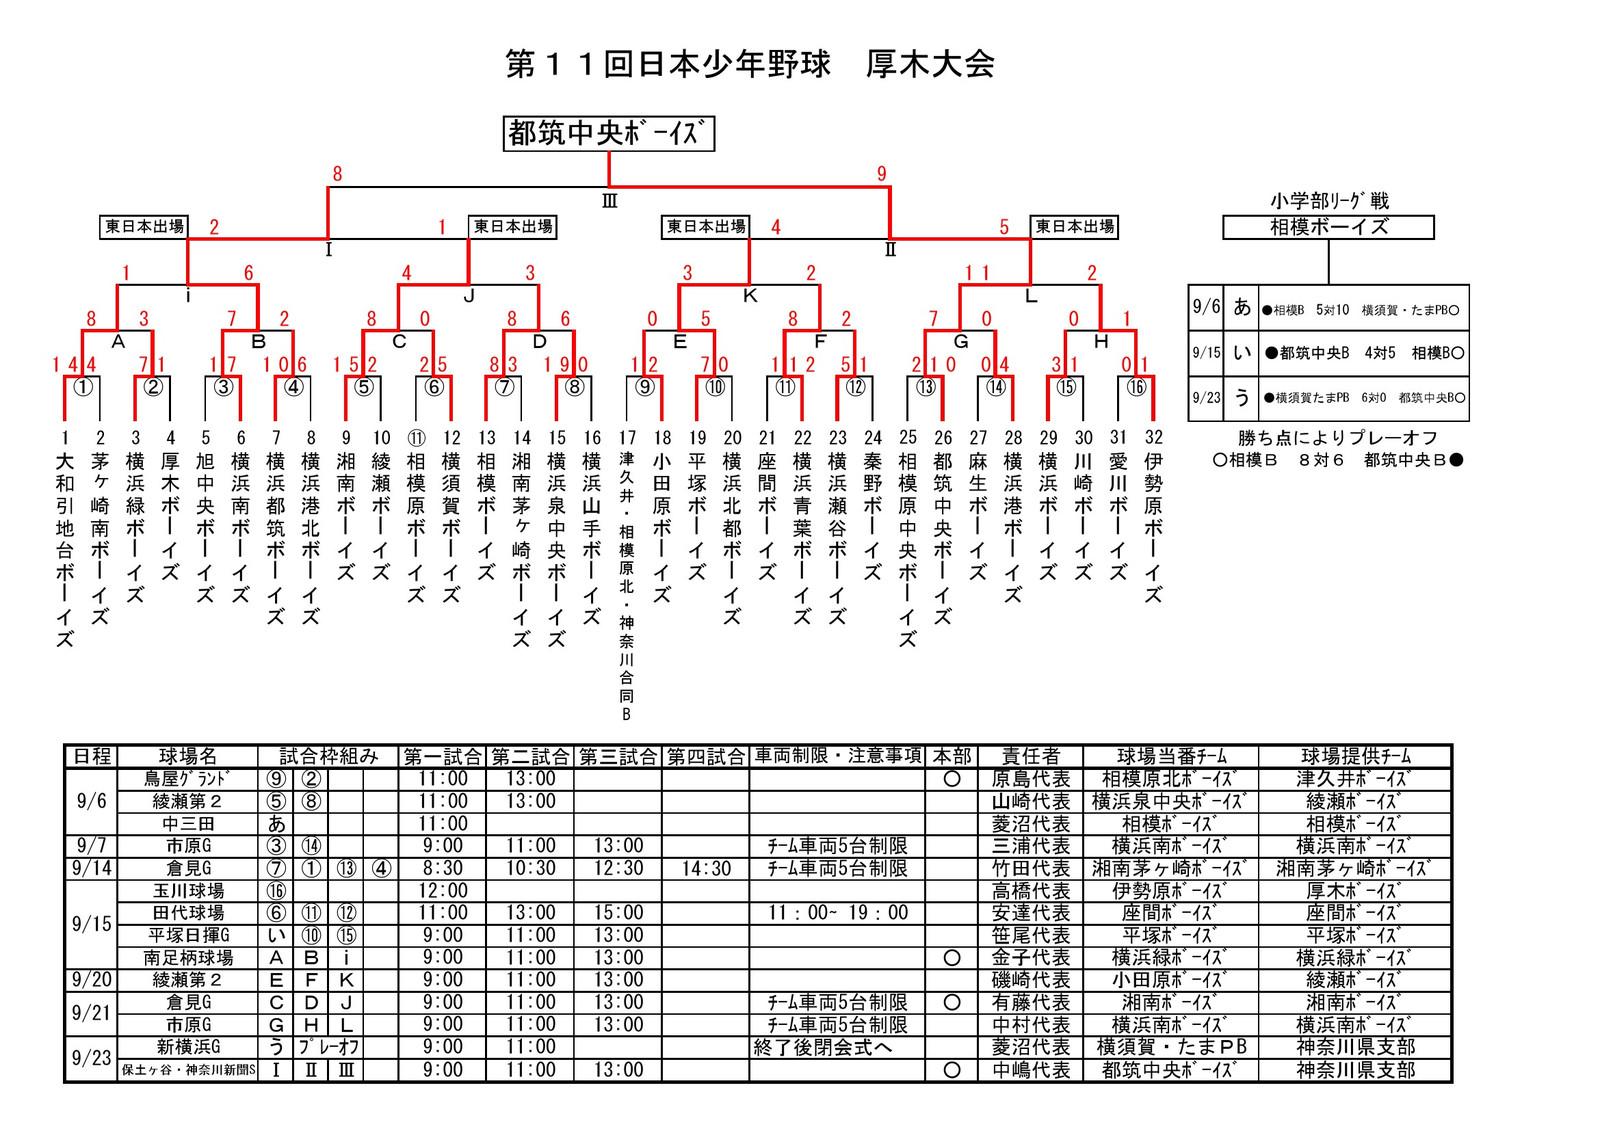 20140923_atsugi_final